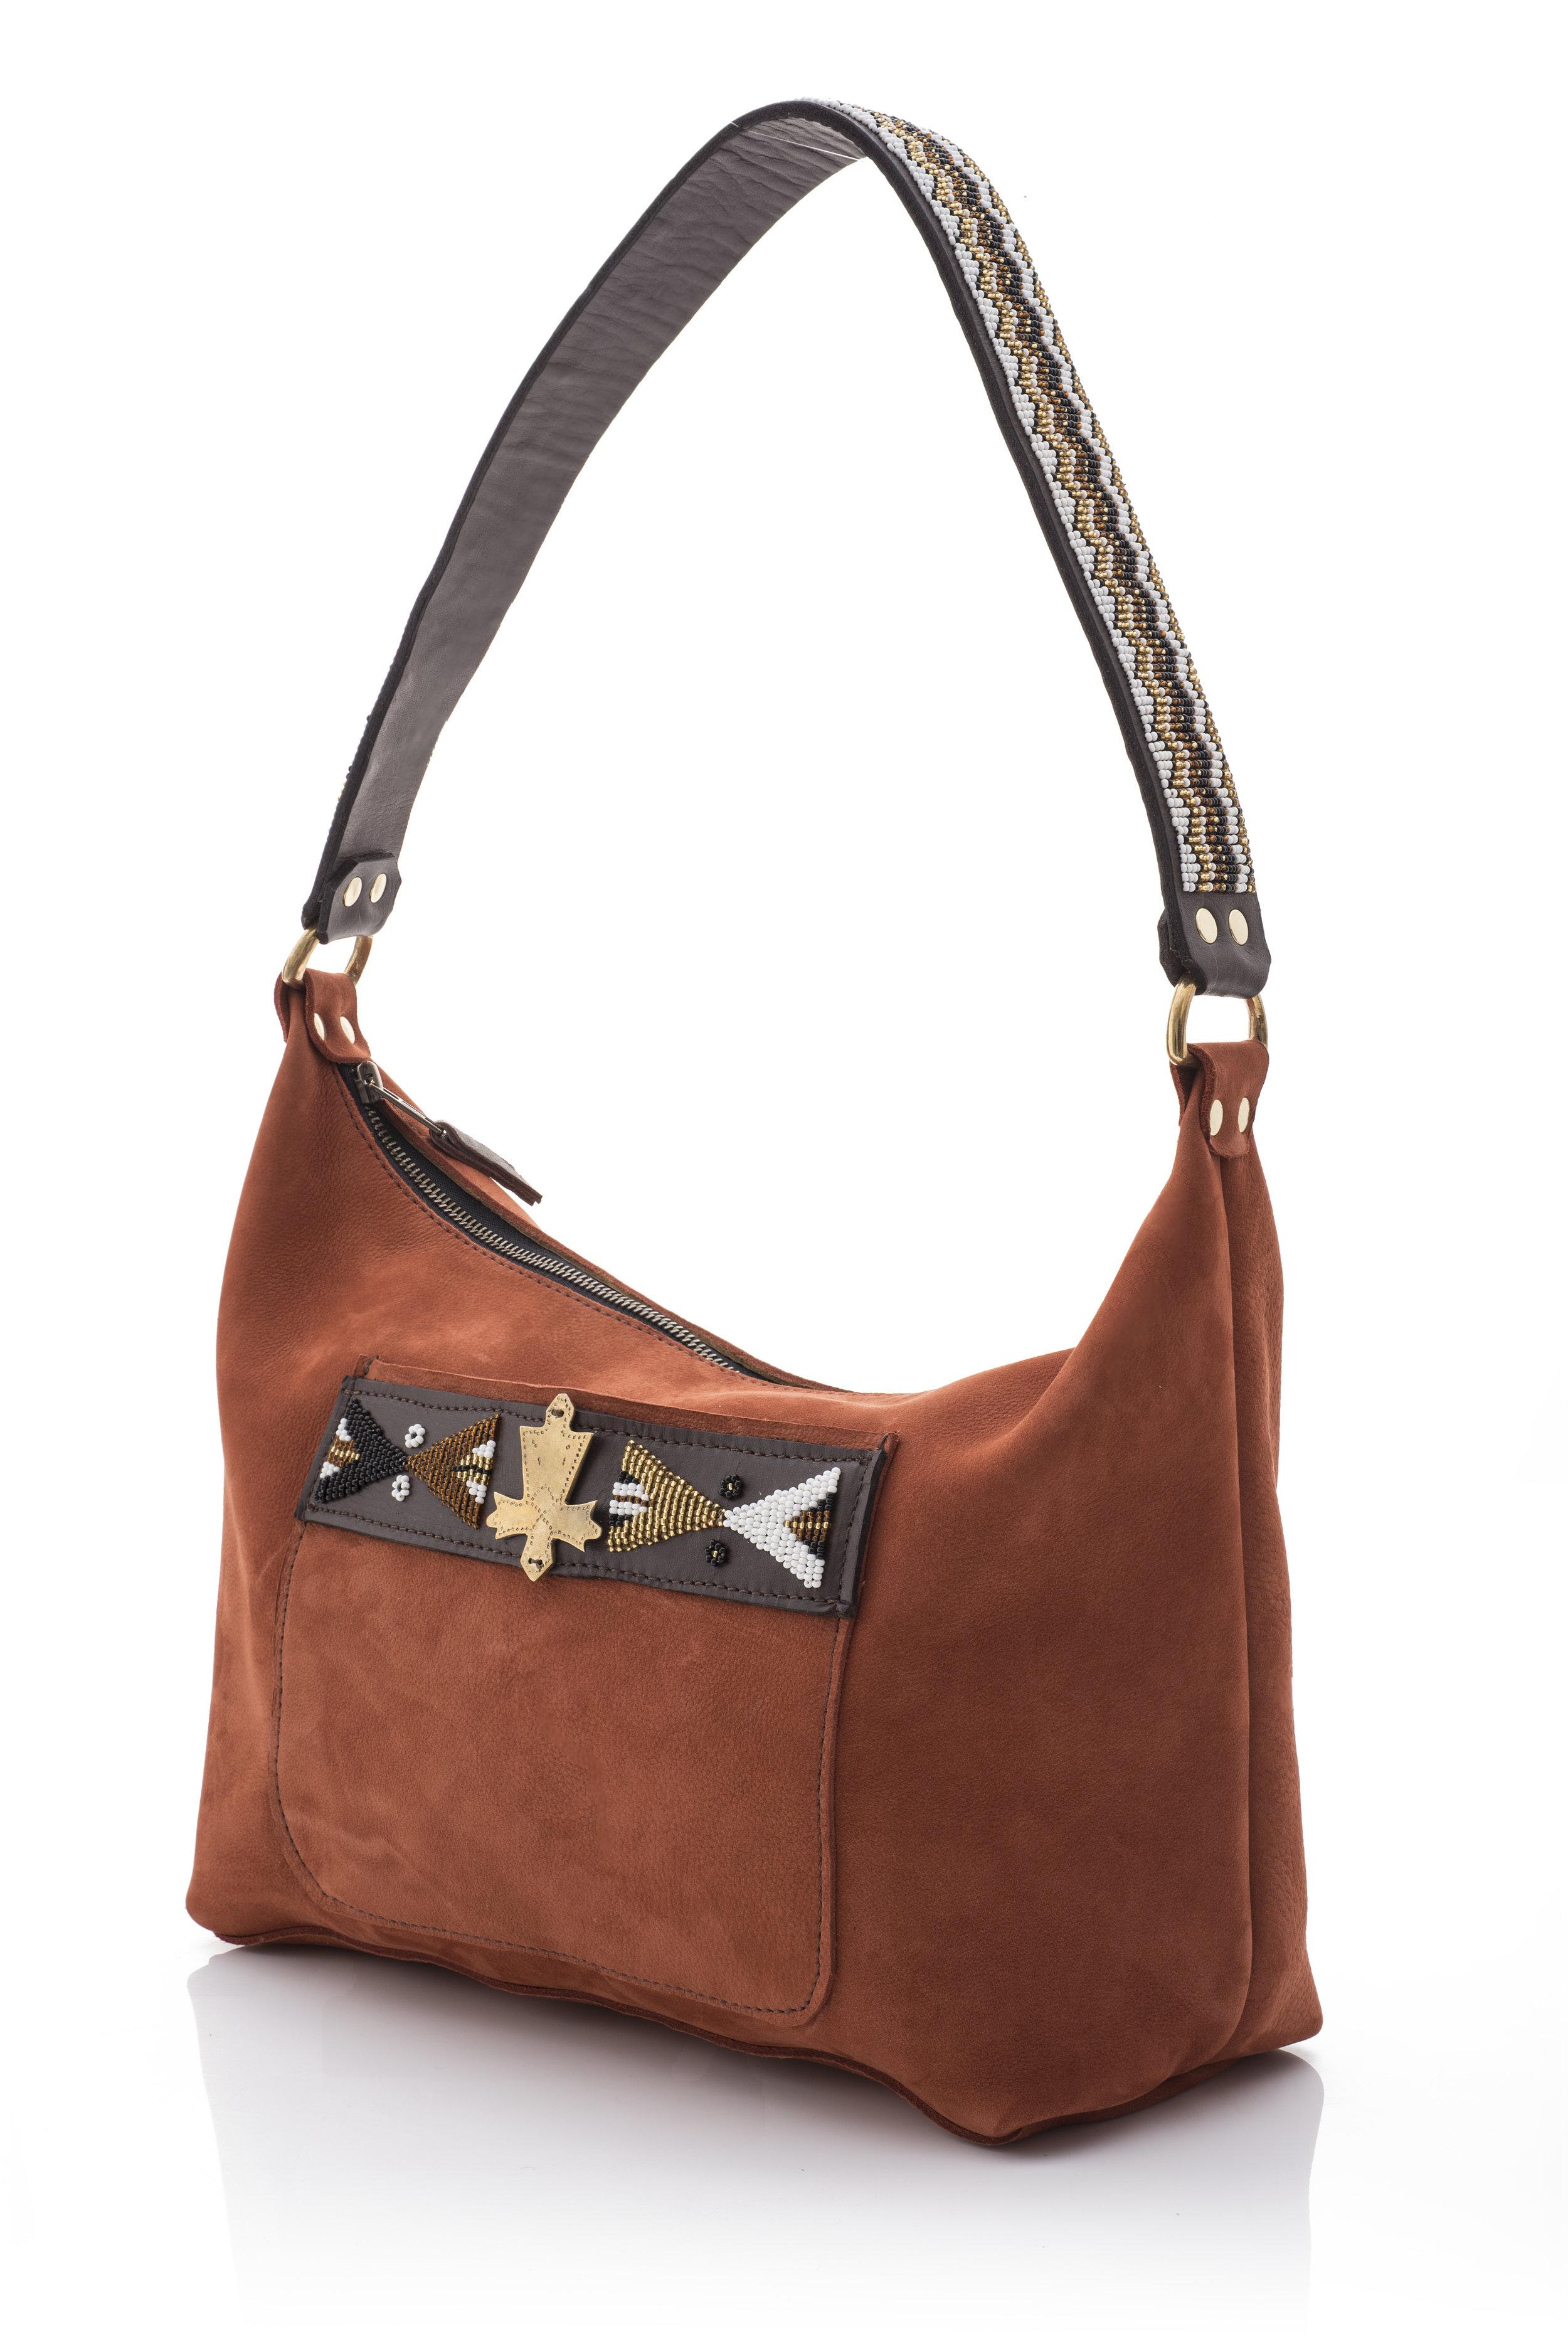 Suede lempaira purse